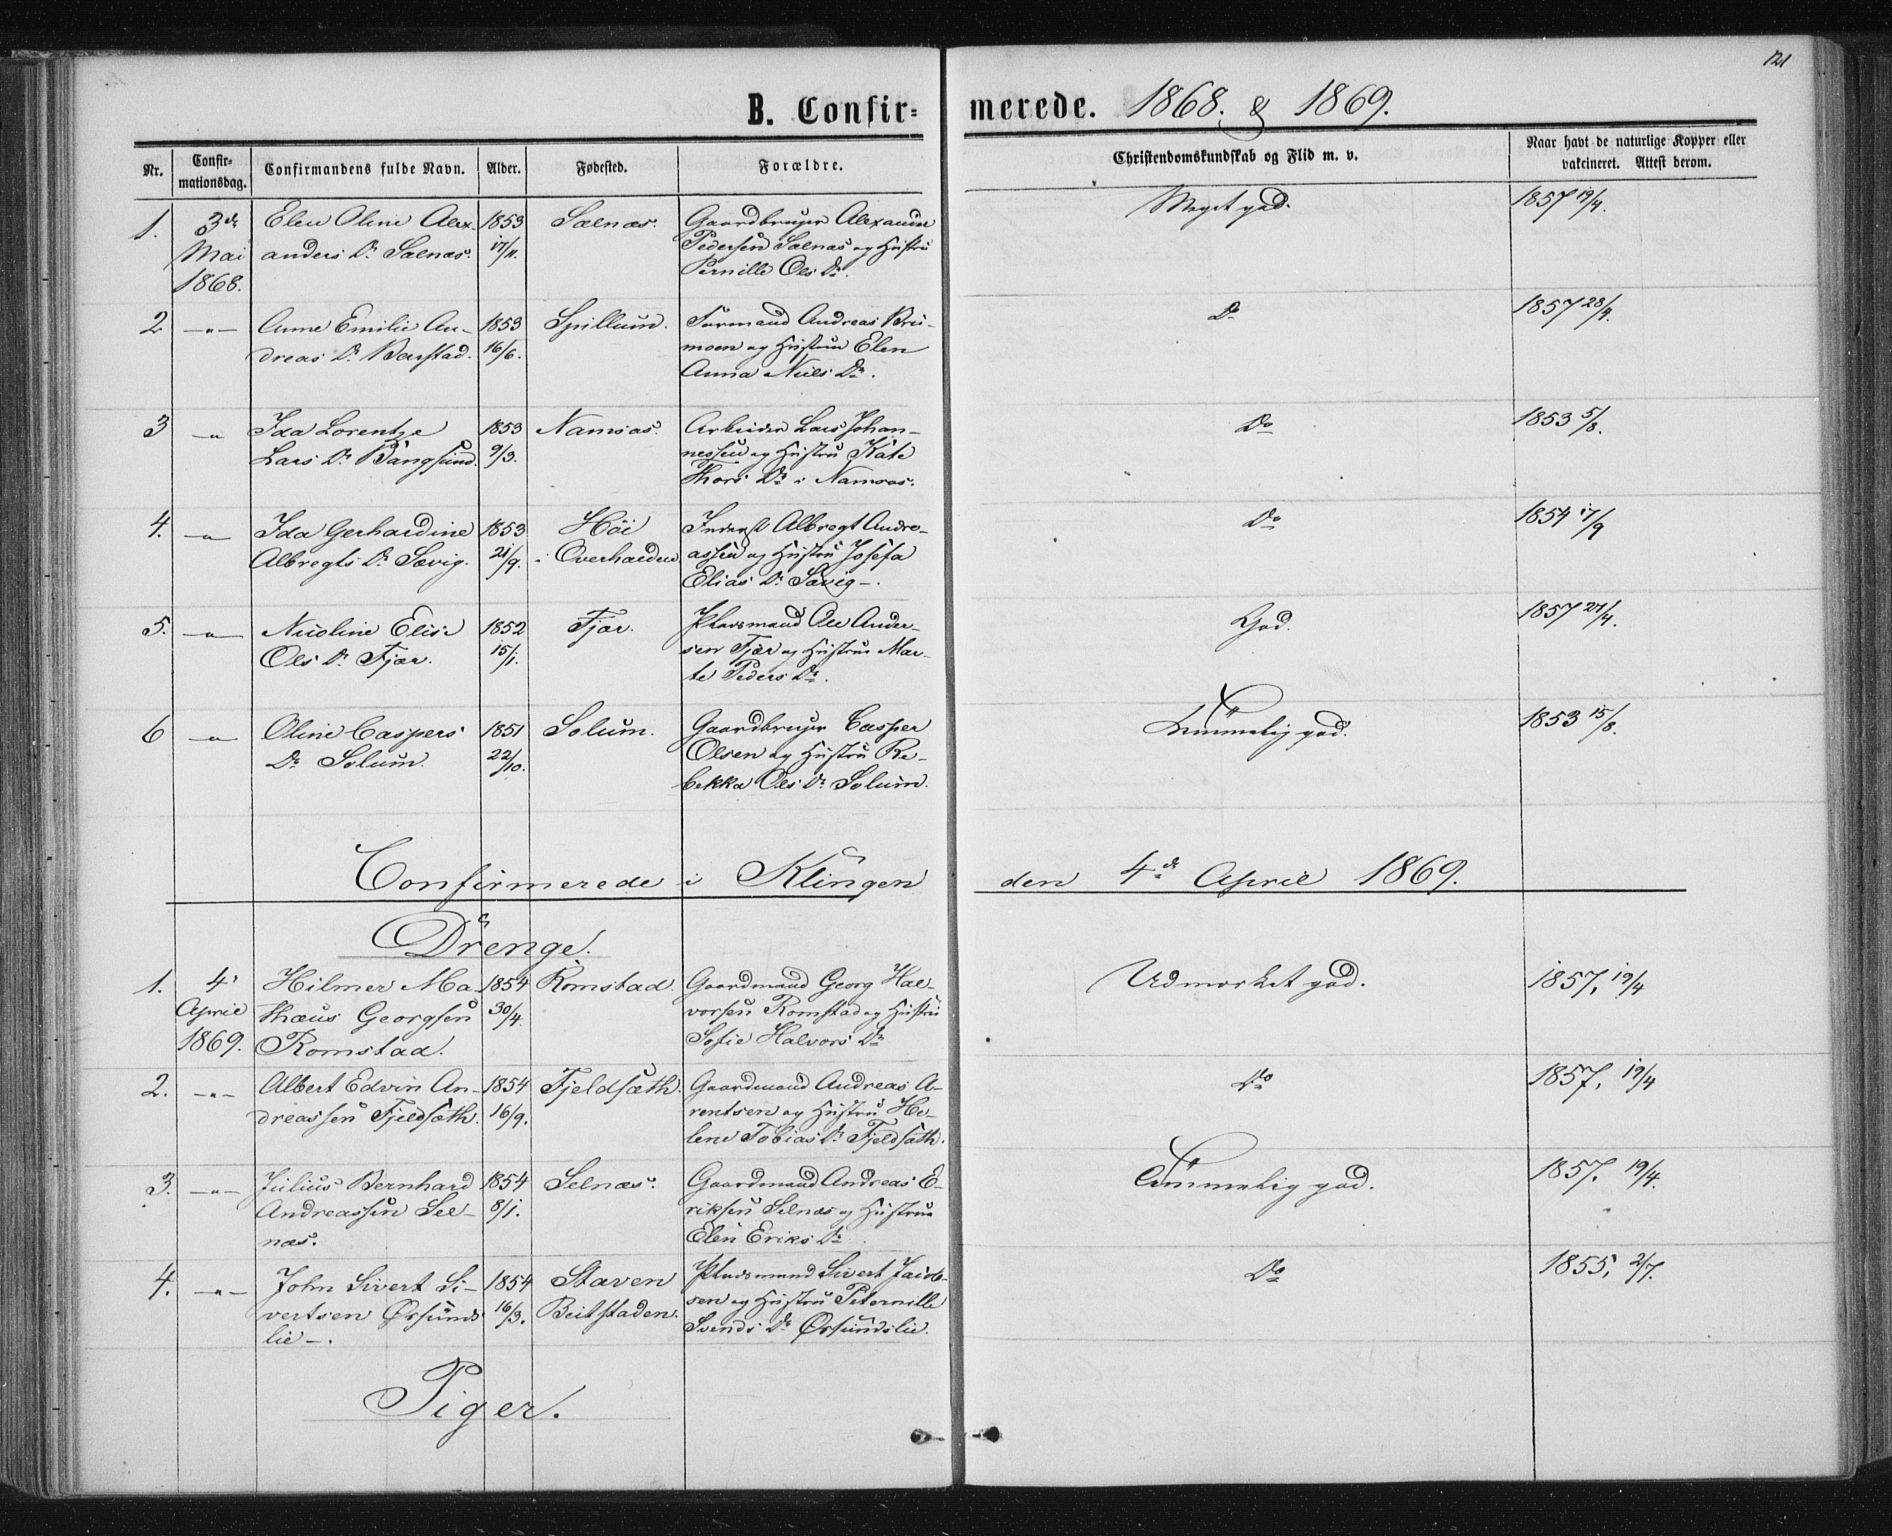 SAT, Ministerialprotokoller, klokkerbøker og fødselsregistre - Nord-Trøndelag, 768/L0570: Ministerialbok nr. 768A05, 1865-1874, s. 121